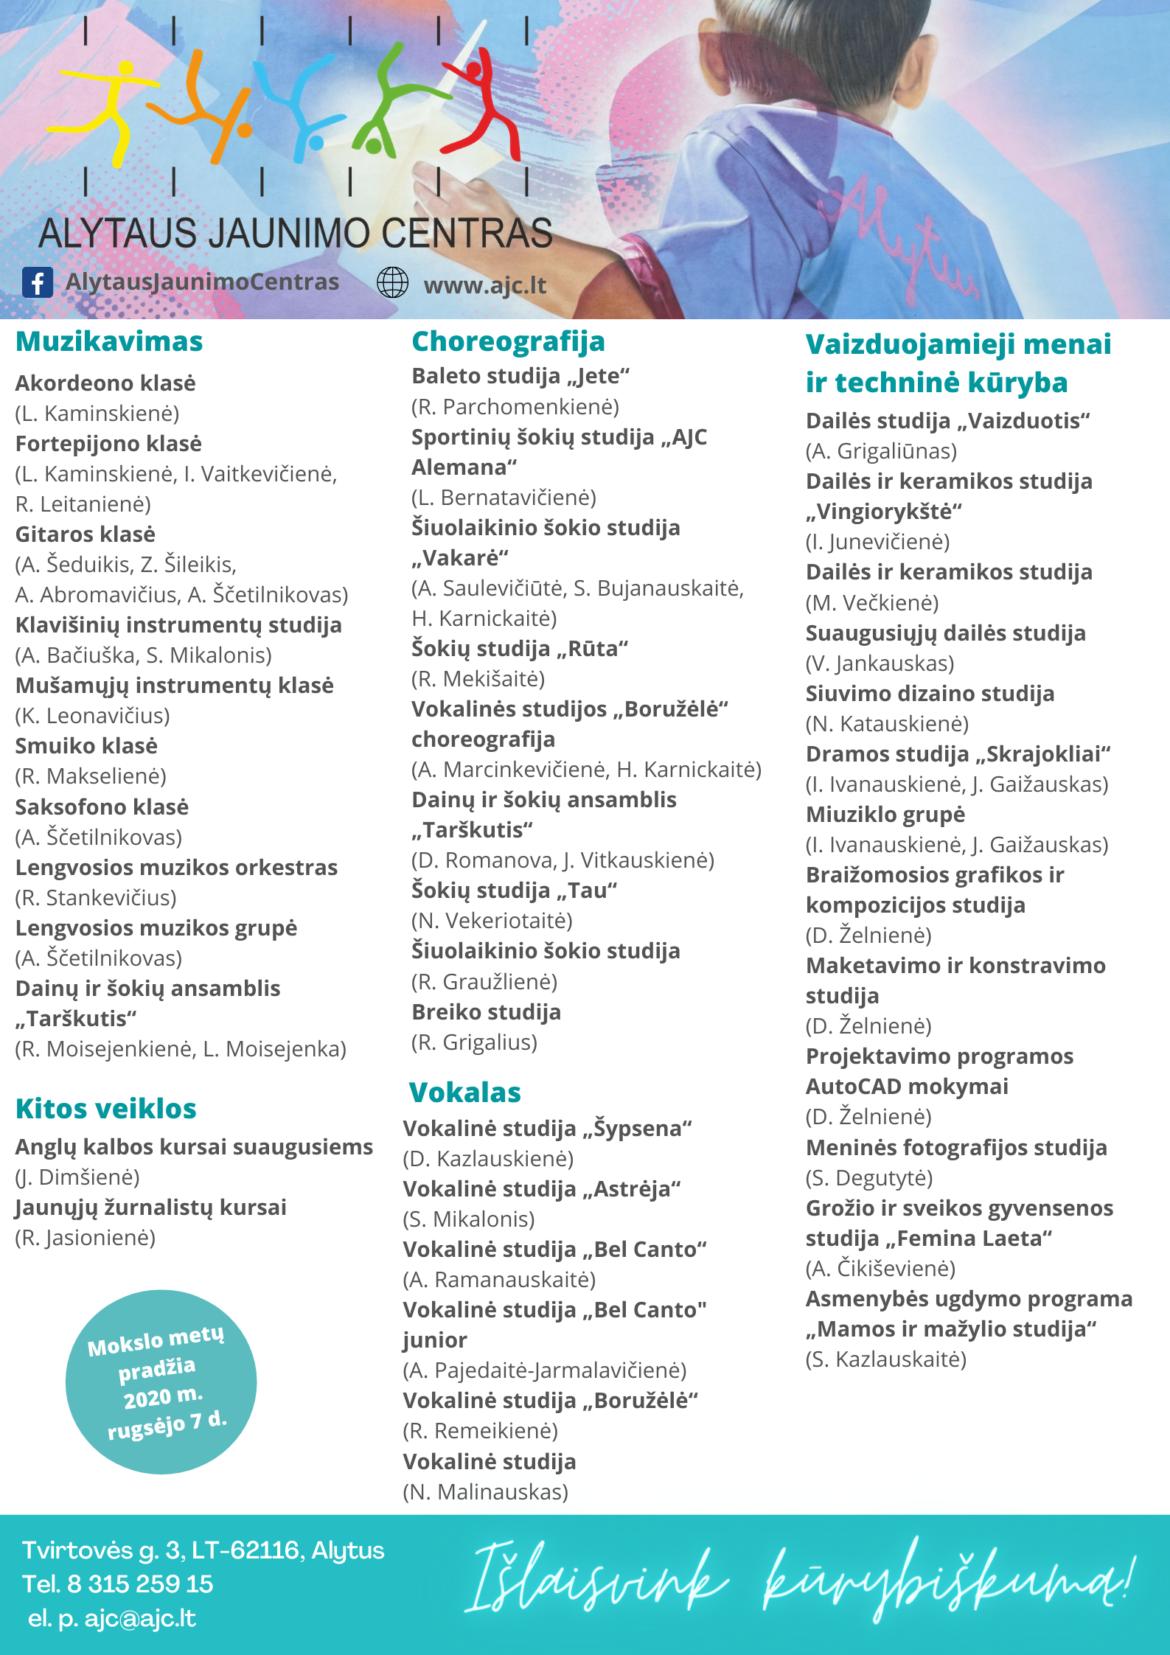 Alytaus jaunimo centras pradėjo naujus mokslo metus!